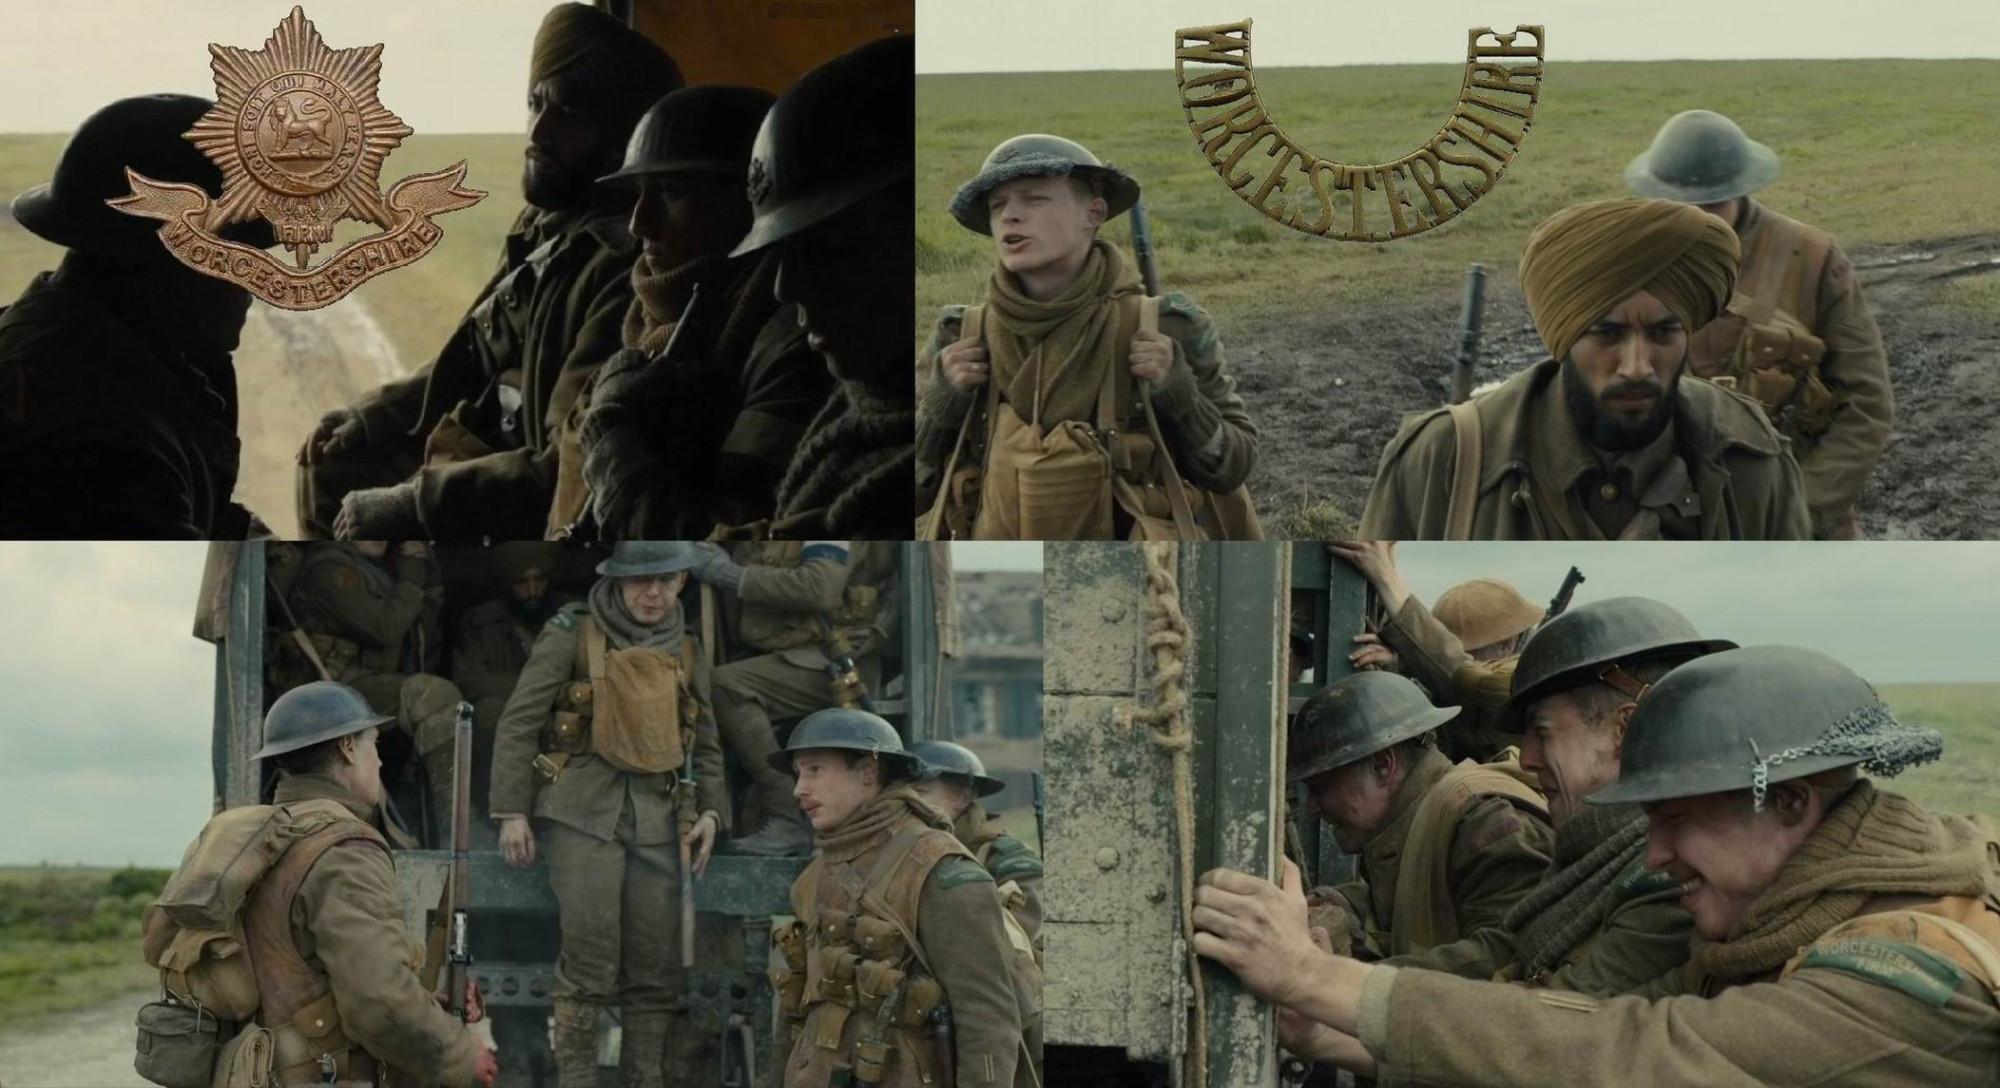 3й батальон Уорчестерширского (Вустерширского) полка.